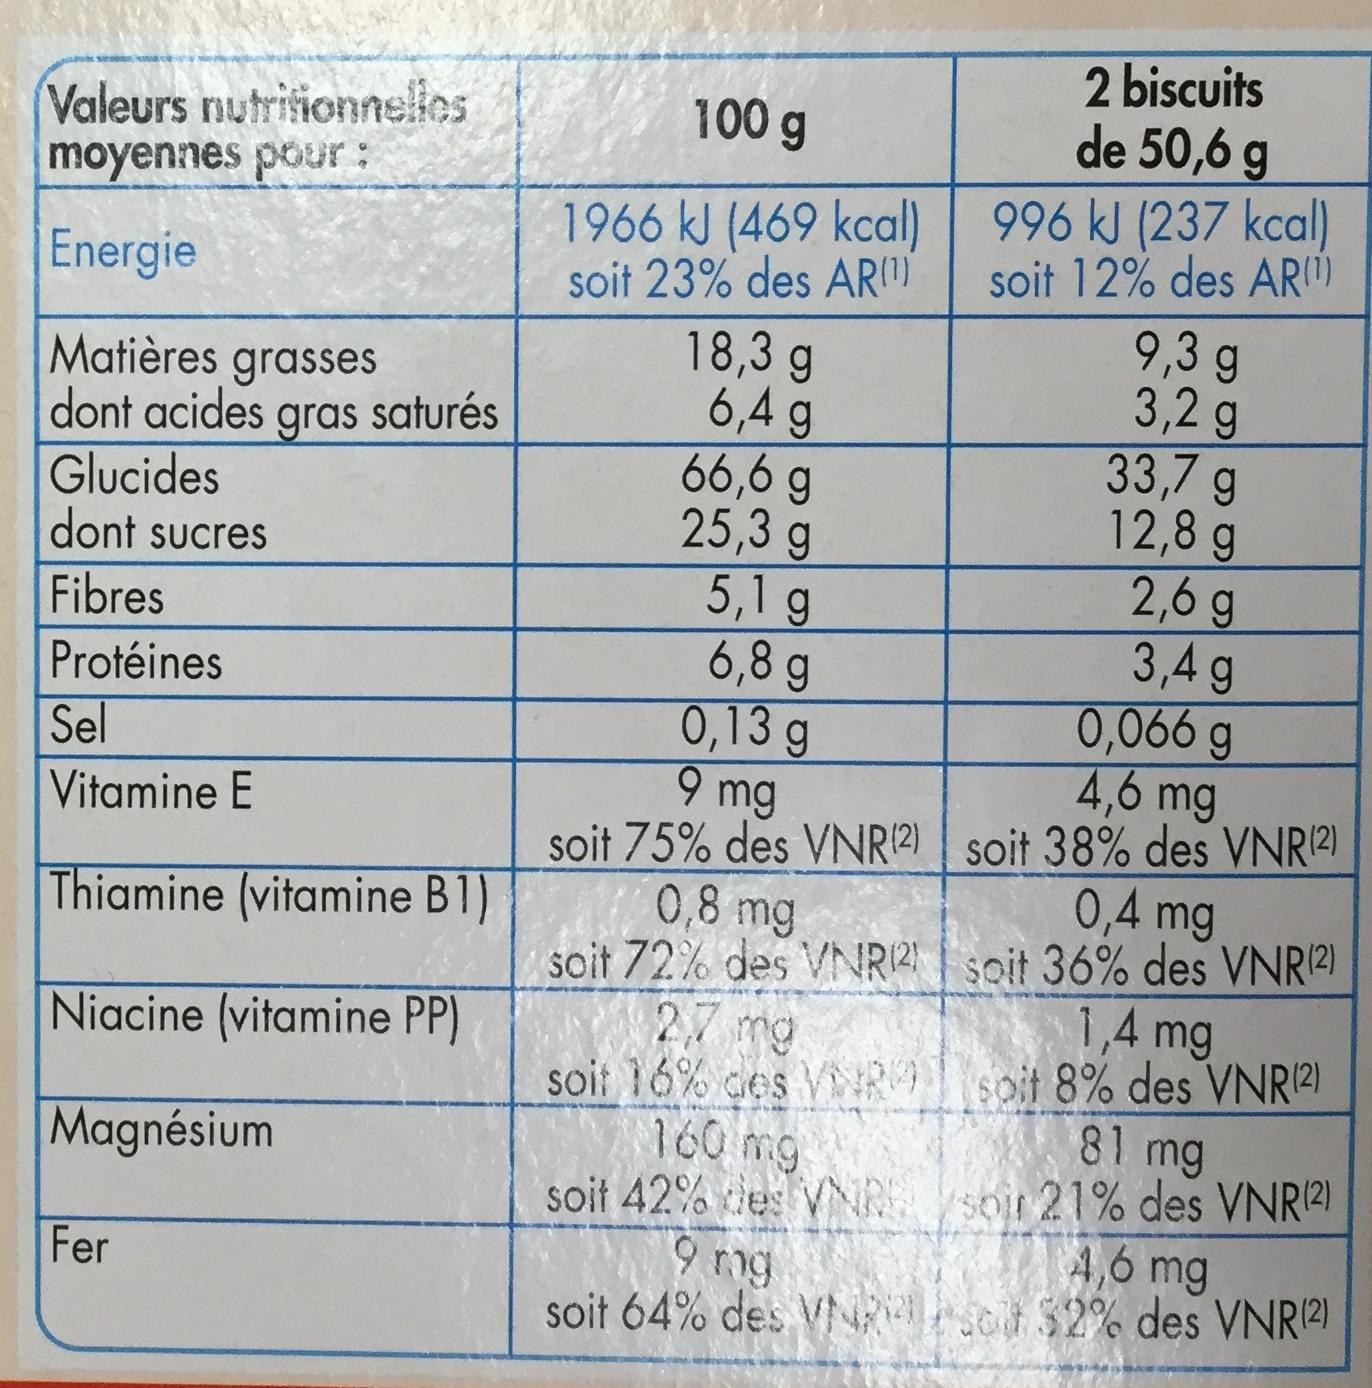 Biscuits pour le Petit Déjeuner - goût chocolat noisette - Nutrition facts - fr